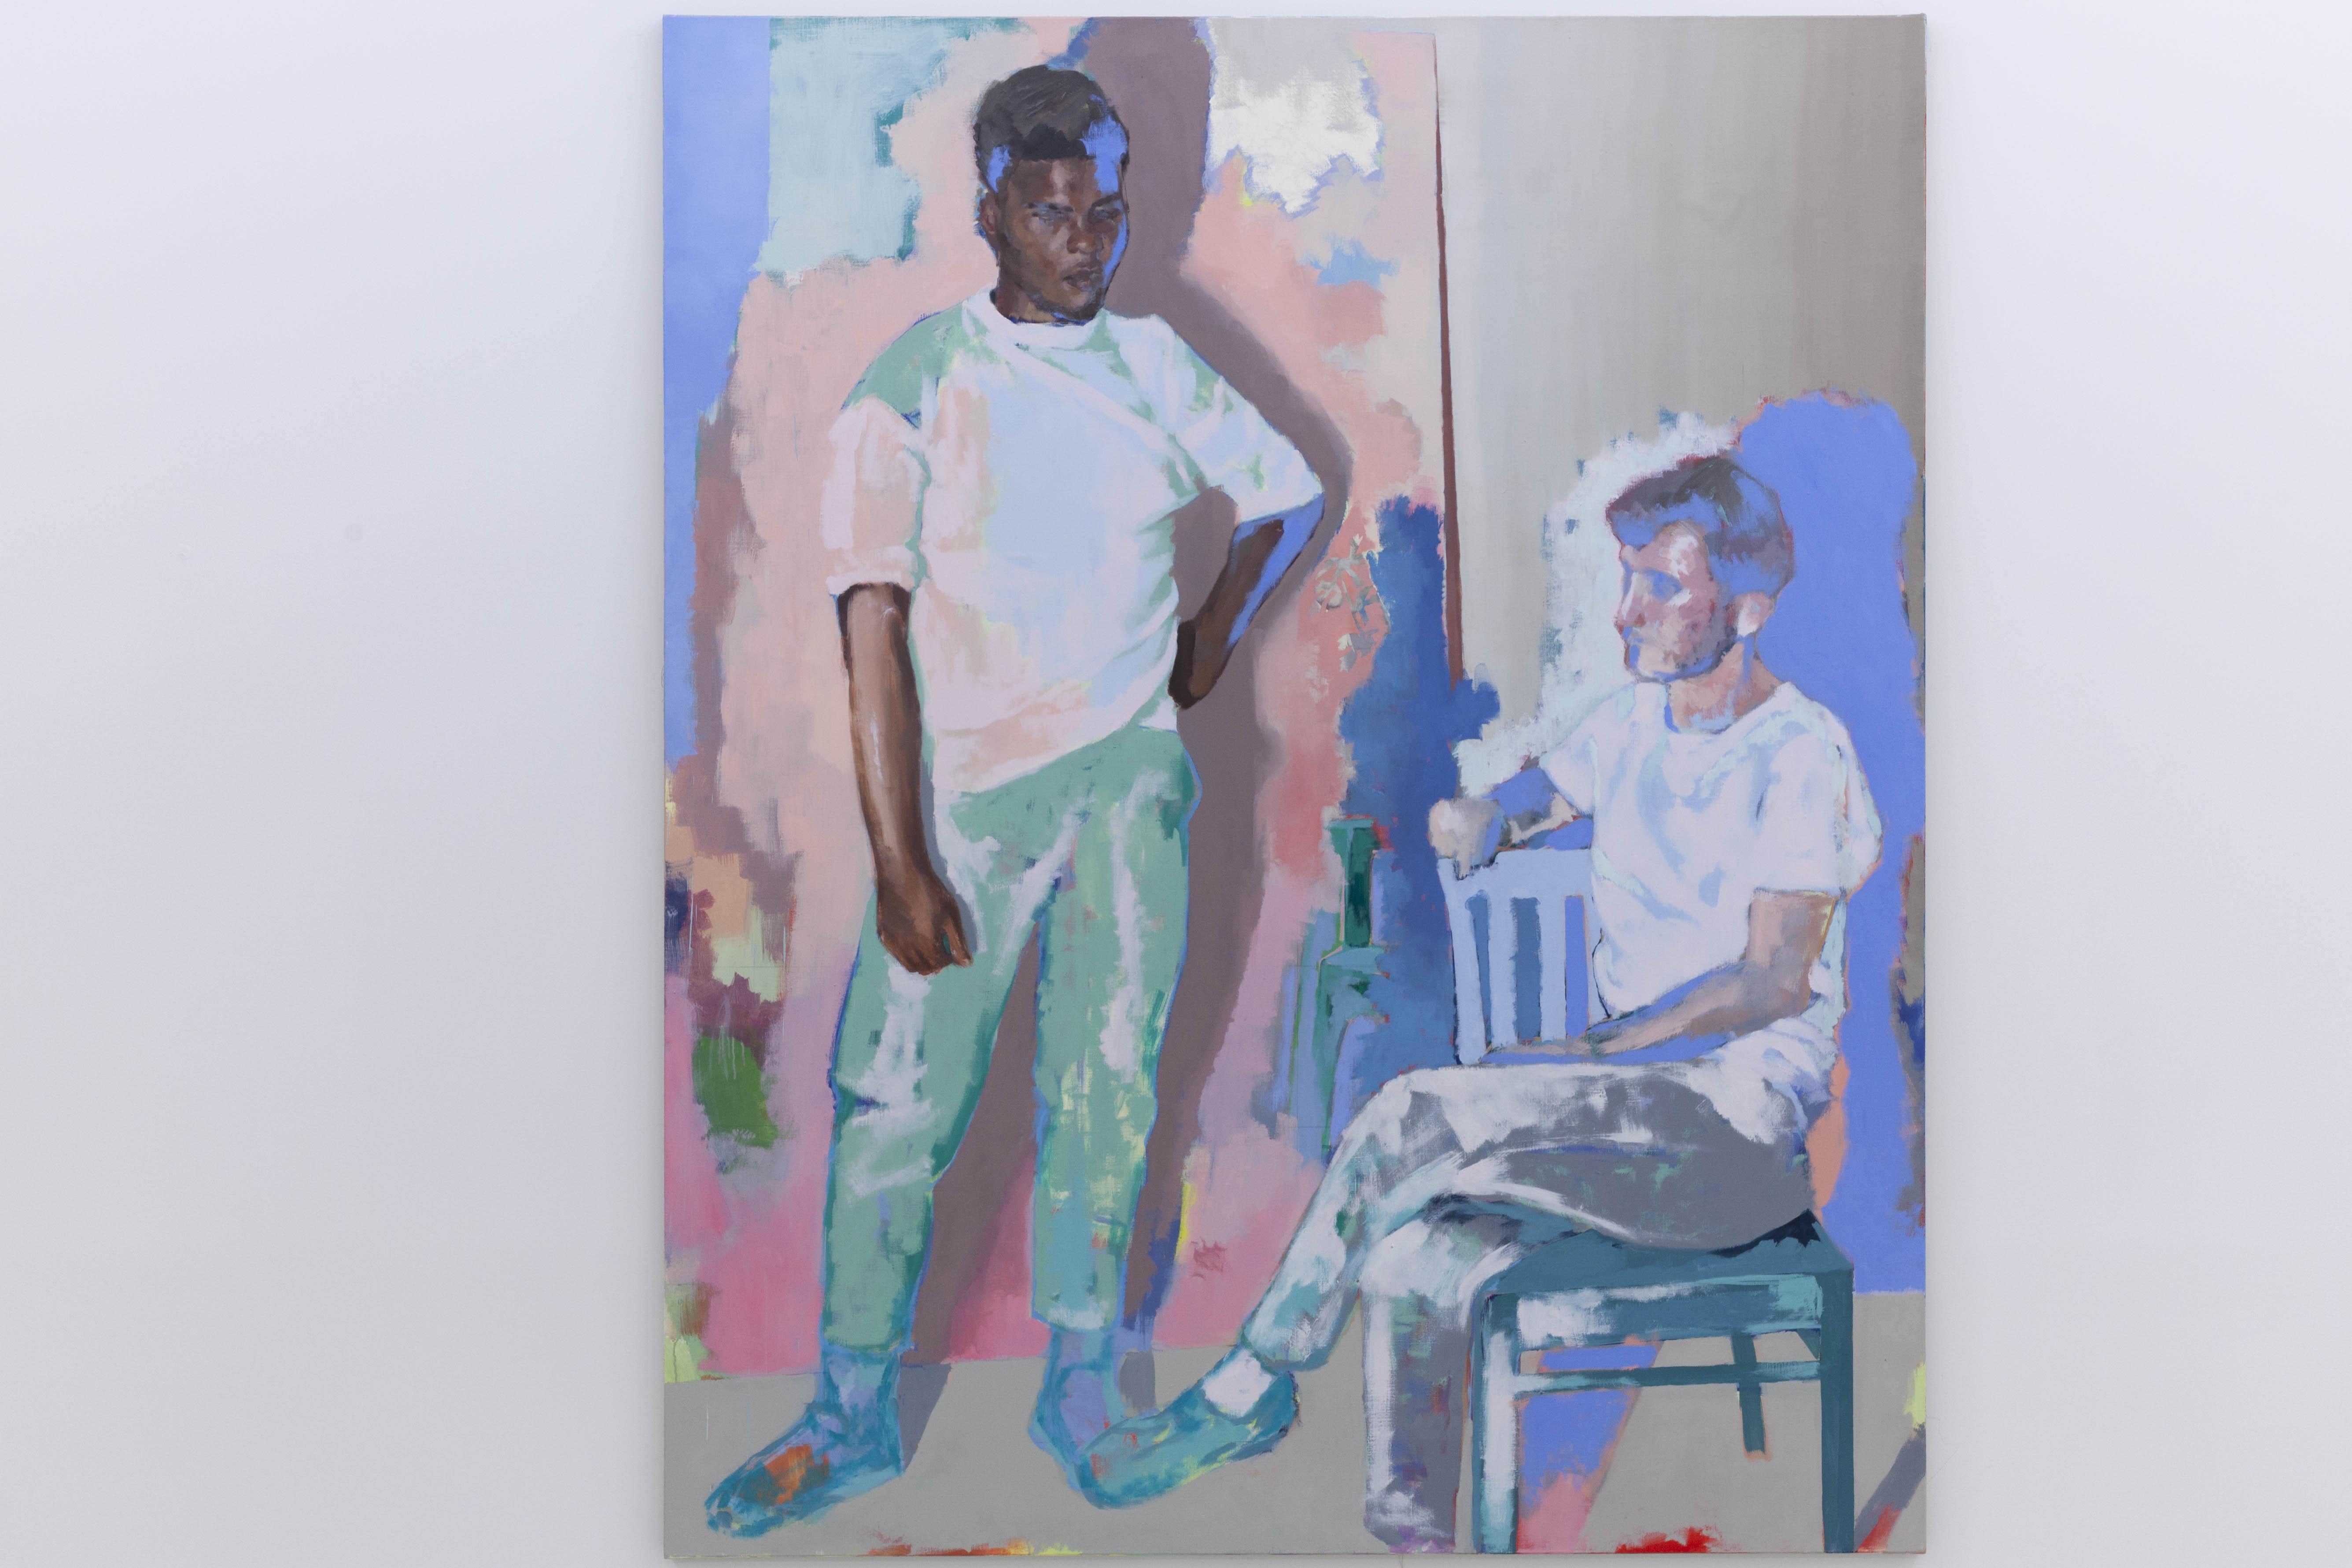 Thibaut et Nicolas dans l'atelier de Christine, 2020, huile sur toile, 195 x 160 cm_photo Julie Coulon_web_2